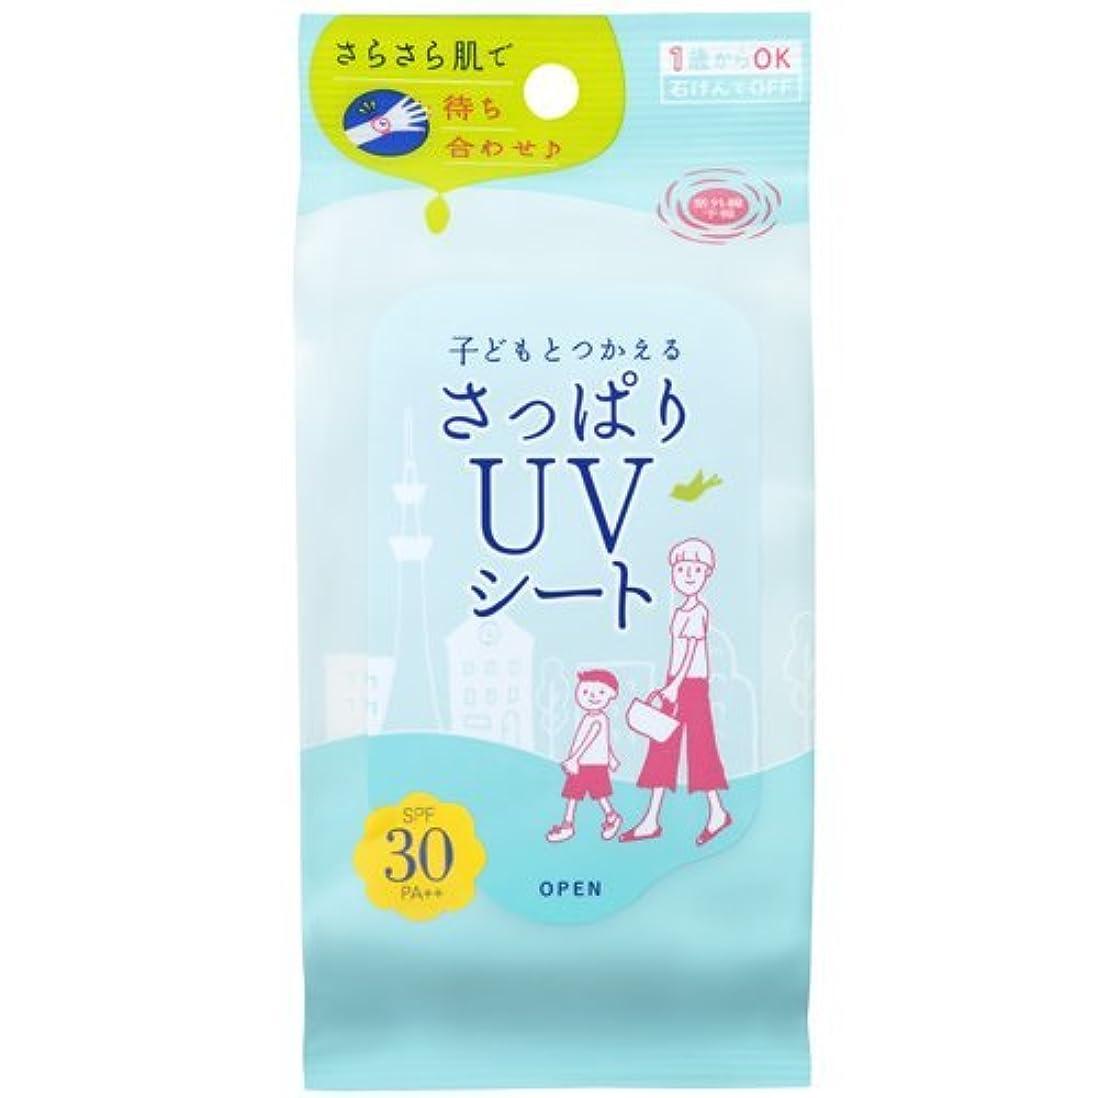 窒息させる矢印保険をかける石澤研究所 紫外線予報 さっぱりUVシート 30枚入